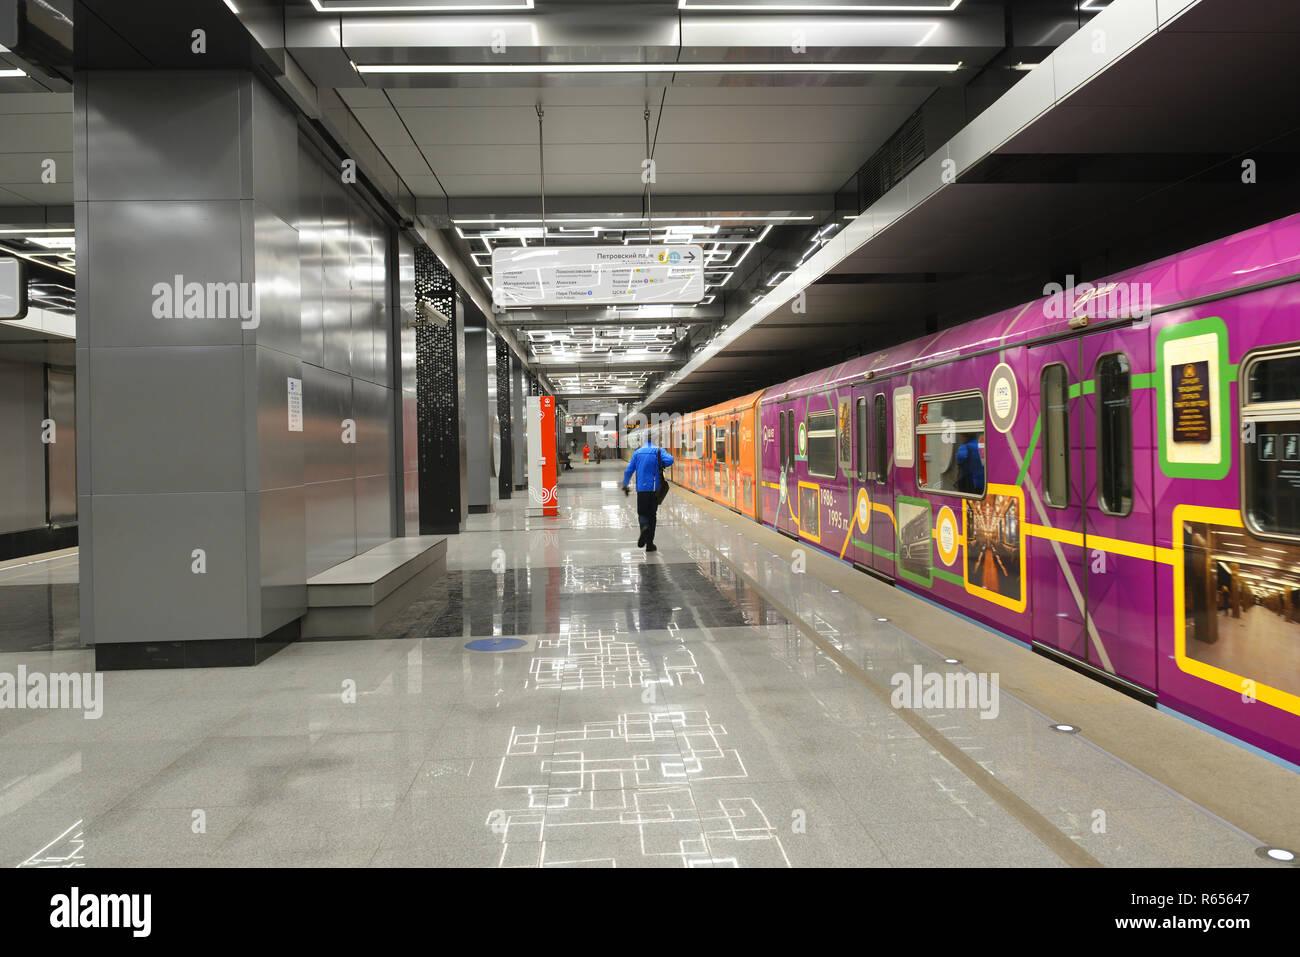 Govorovo, stazione Kalininsko-Solntsevskaya sulla linea della metropolitana di Mosca ha aperto il 30 agosto 2018. Treno tematica '80 anni nel ritmo della capitale Foto Stock